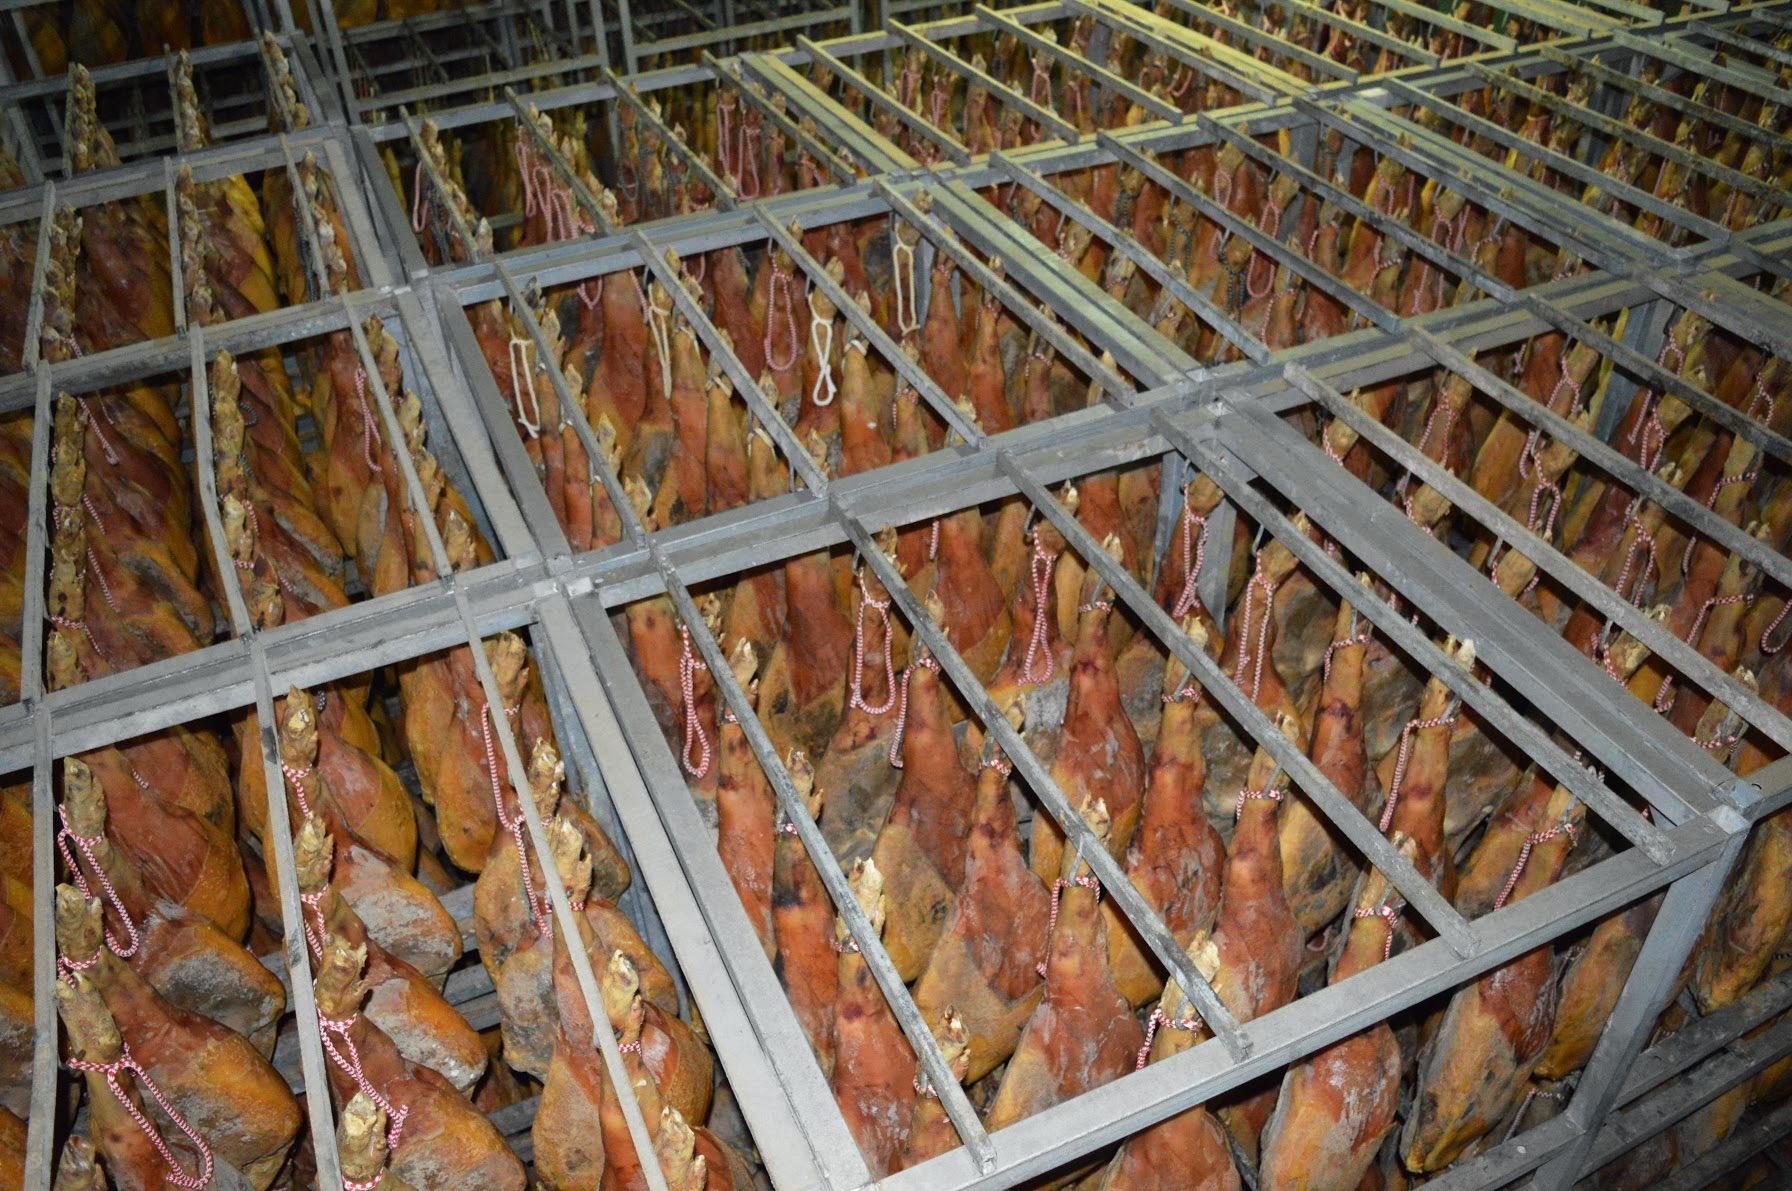 Vista desde arriba del secadero natural de jamones.